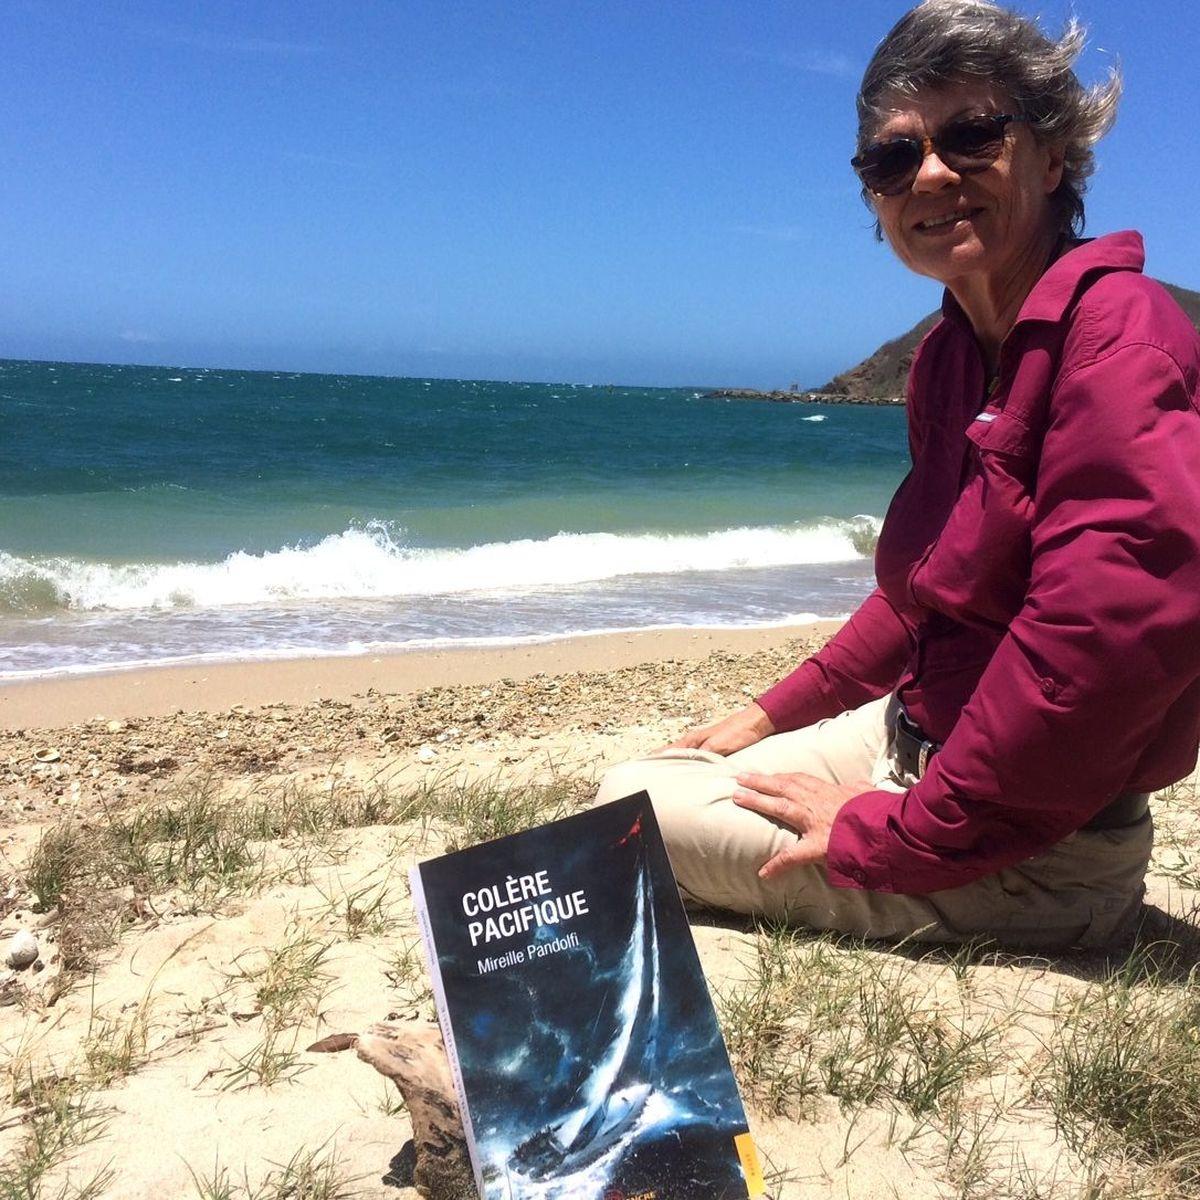 Mireille Pandolfi fait le récit d'une «Colère Pacifique»